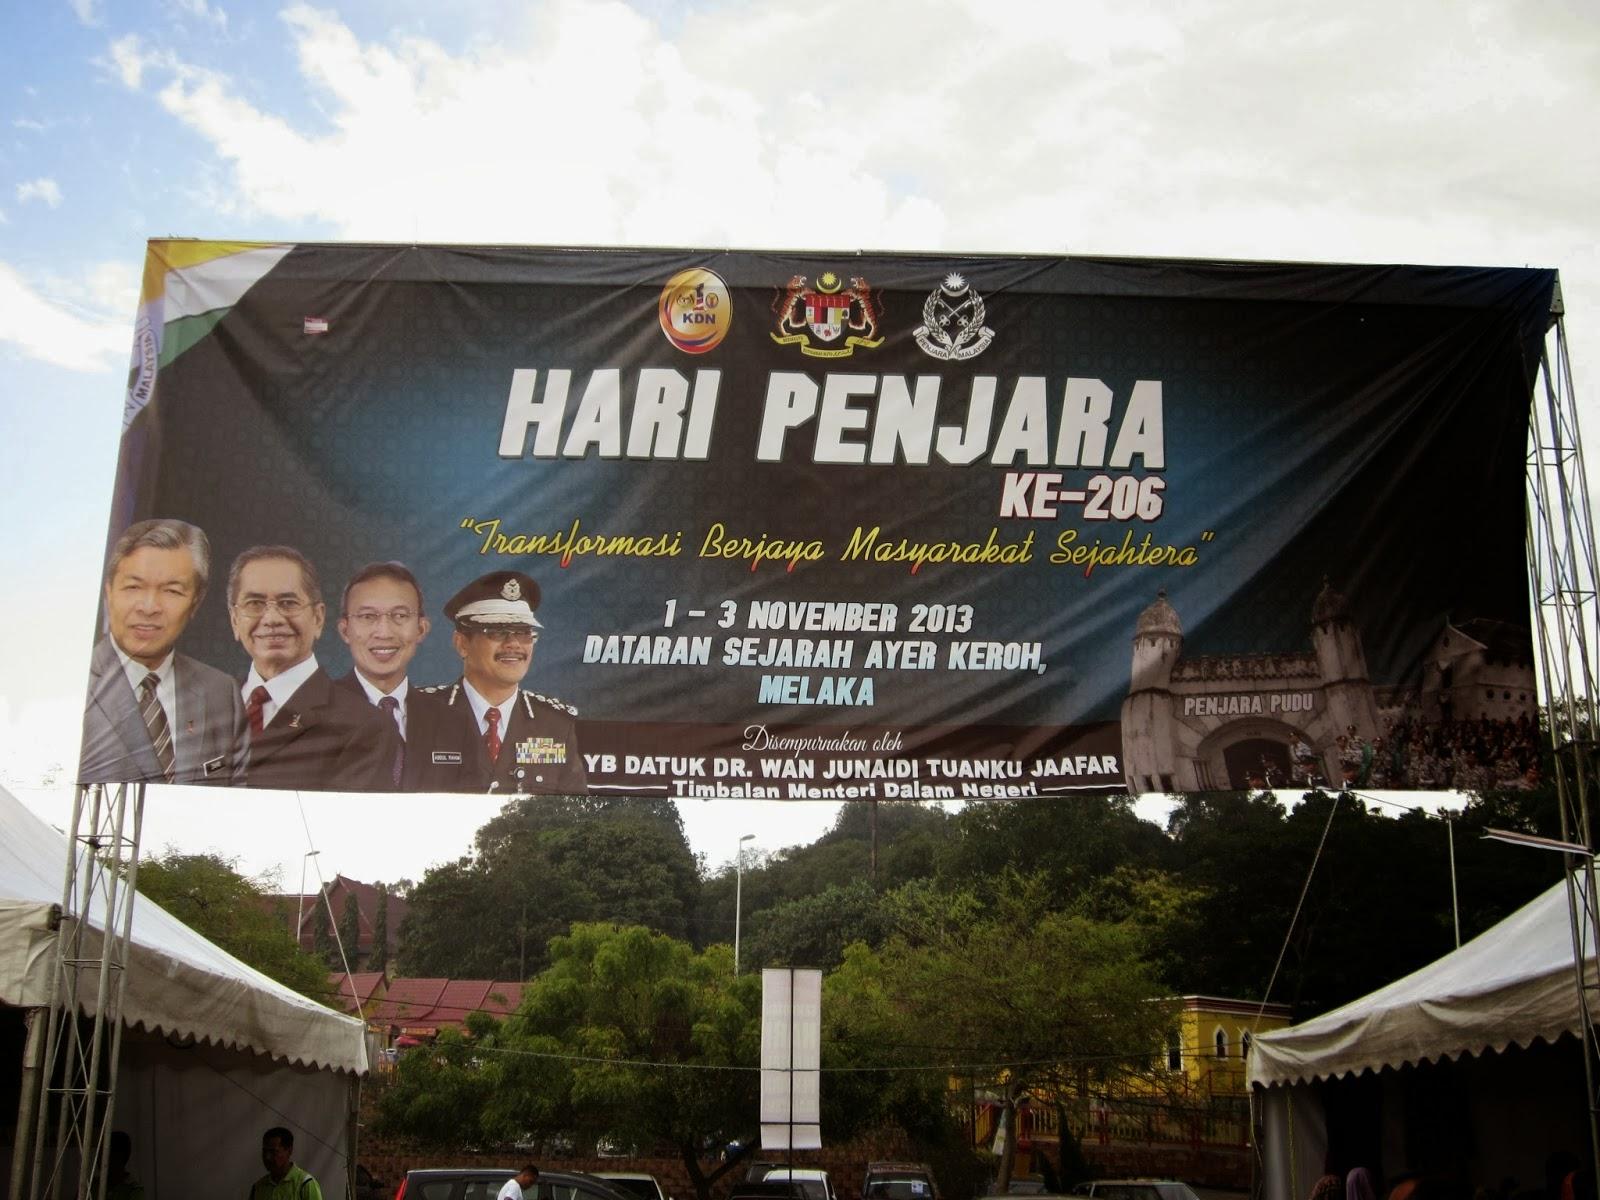 Penjara Sejahtera, Sambutan Hari Penjara 2013, Dataran Sejarah Ayer Keroh, Melaka, Jabatan Penjara Malaysia, Penjara Sejahtera